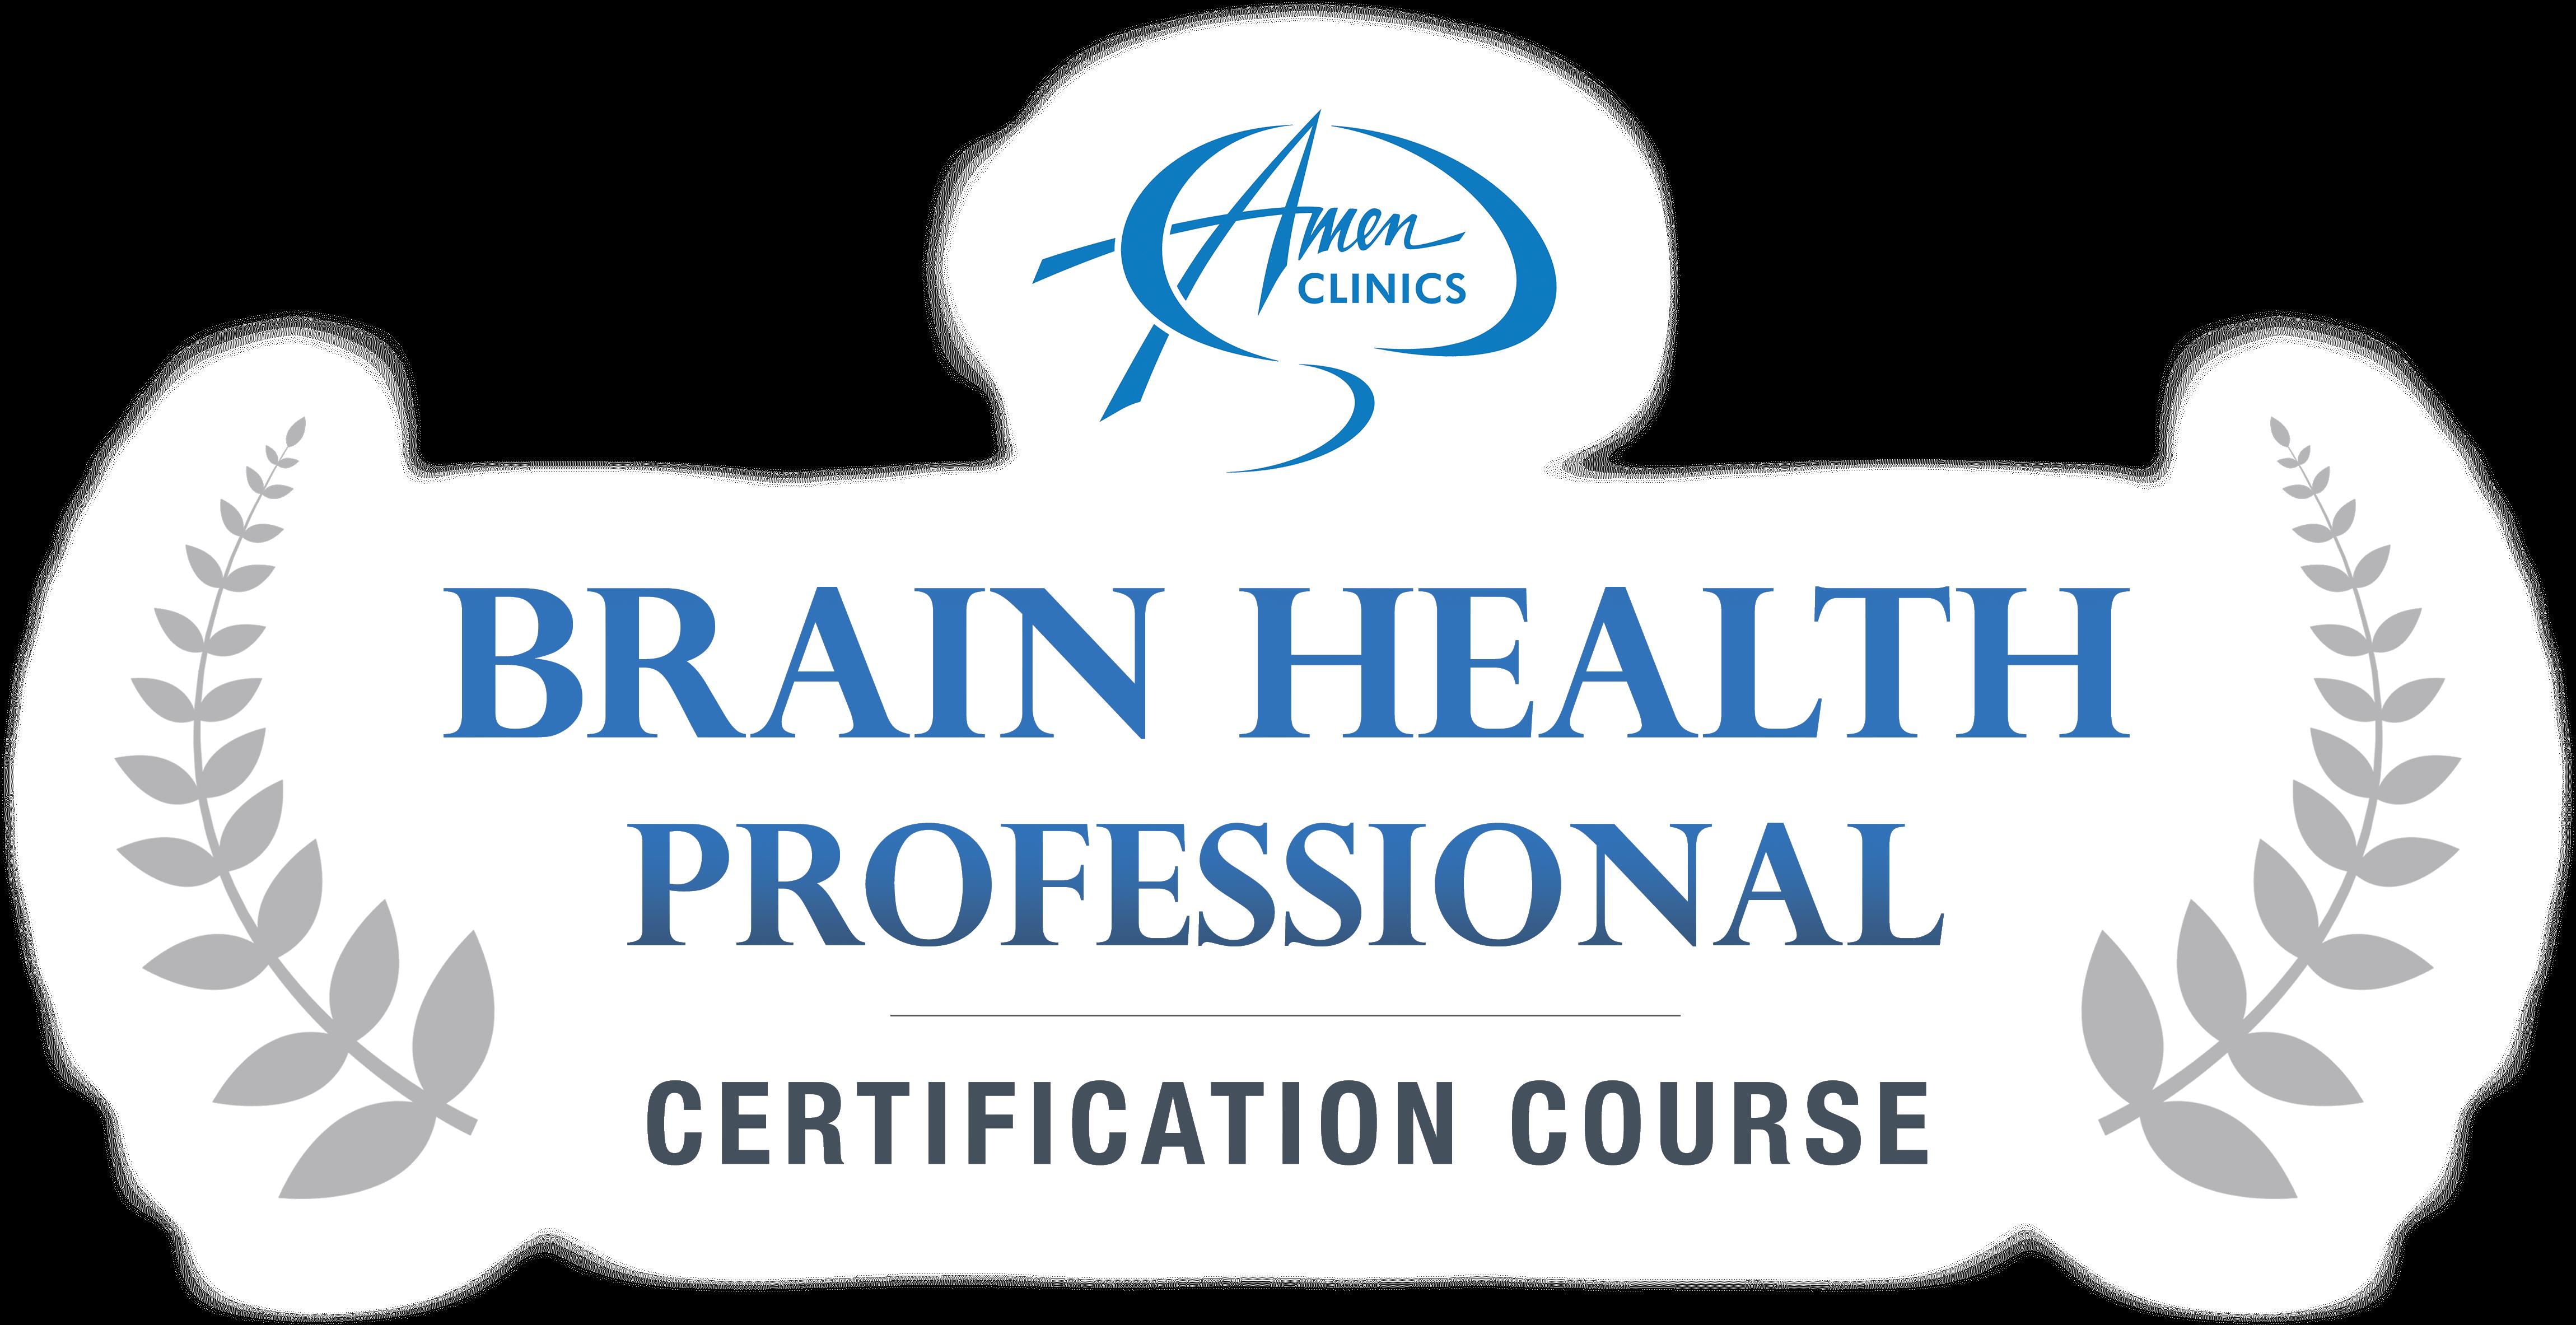 Brain Healt Coaching